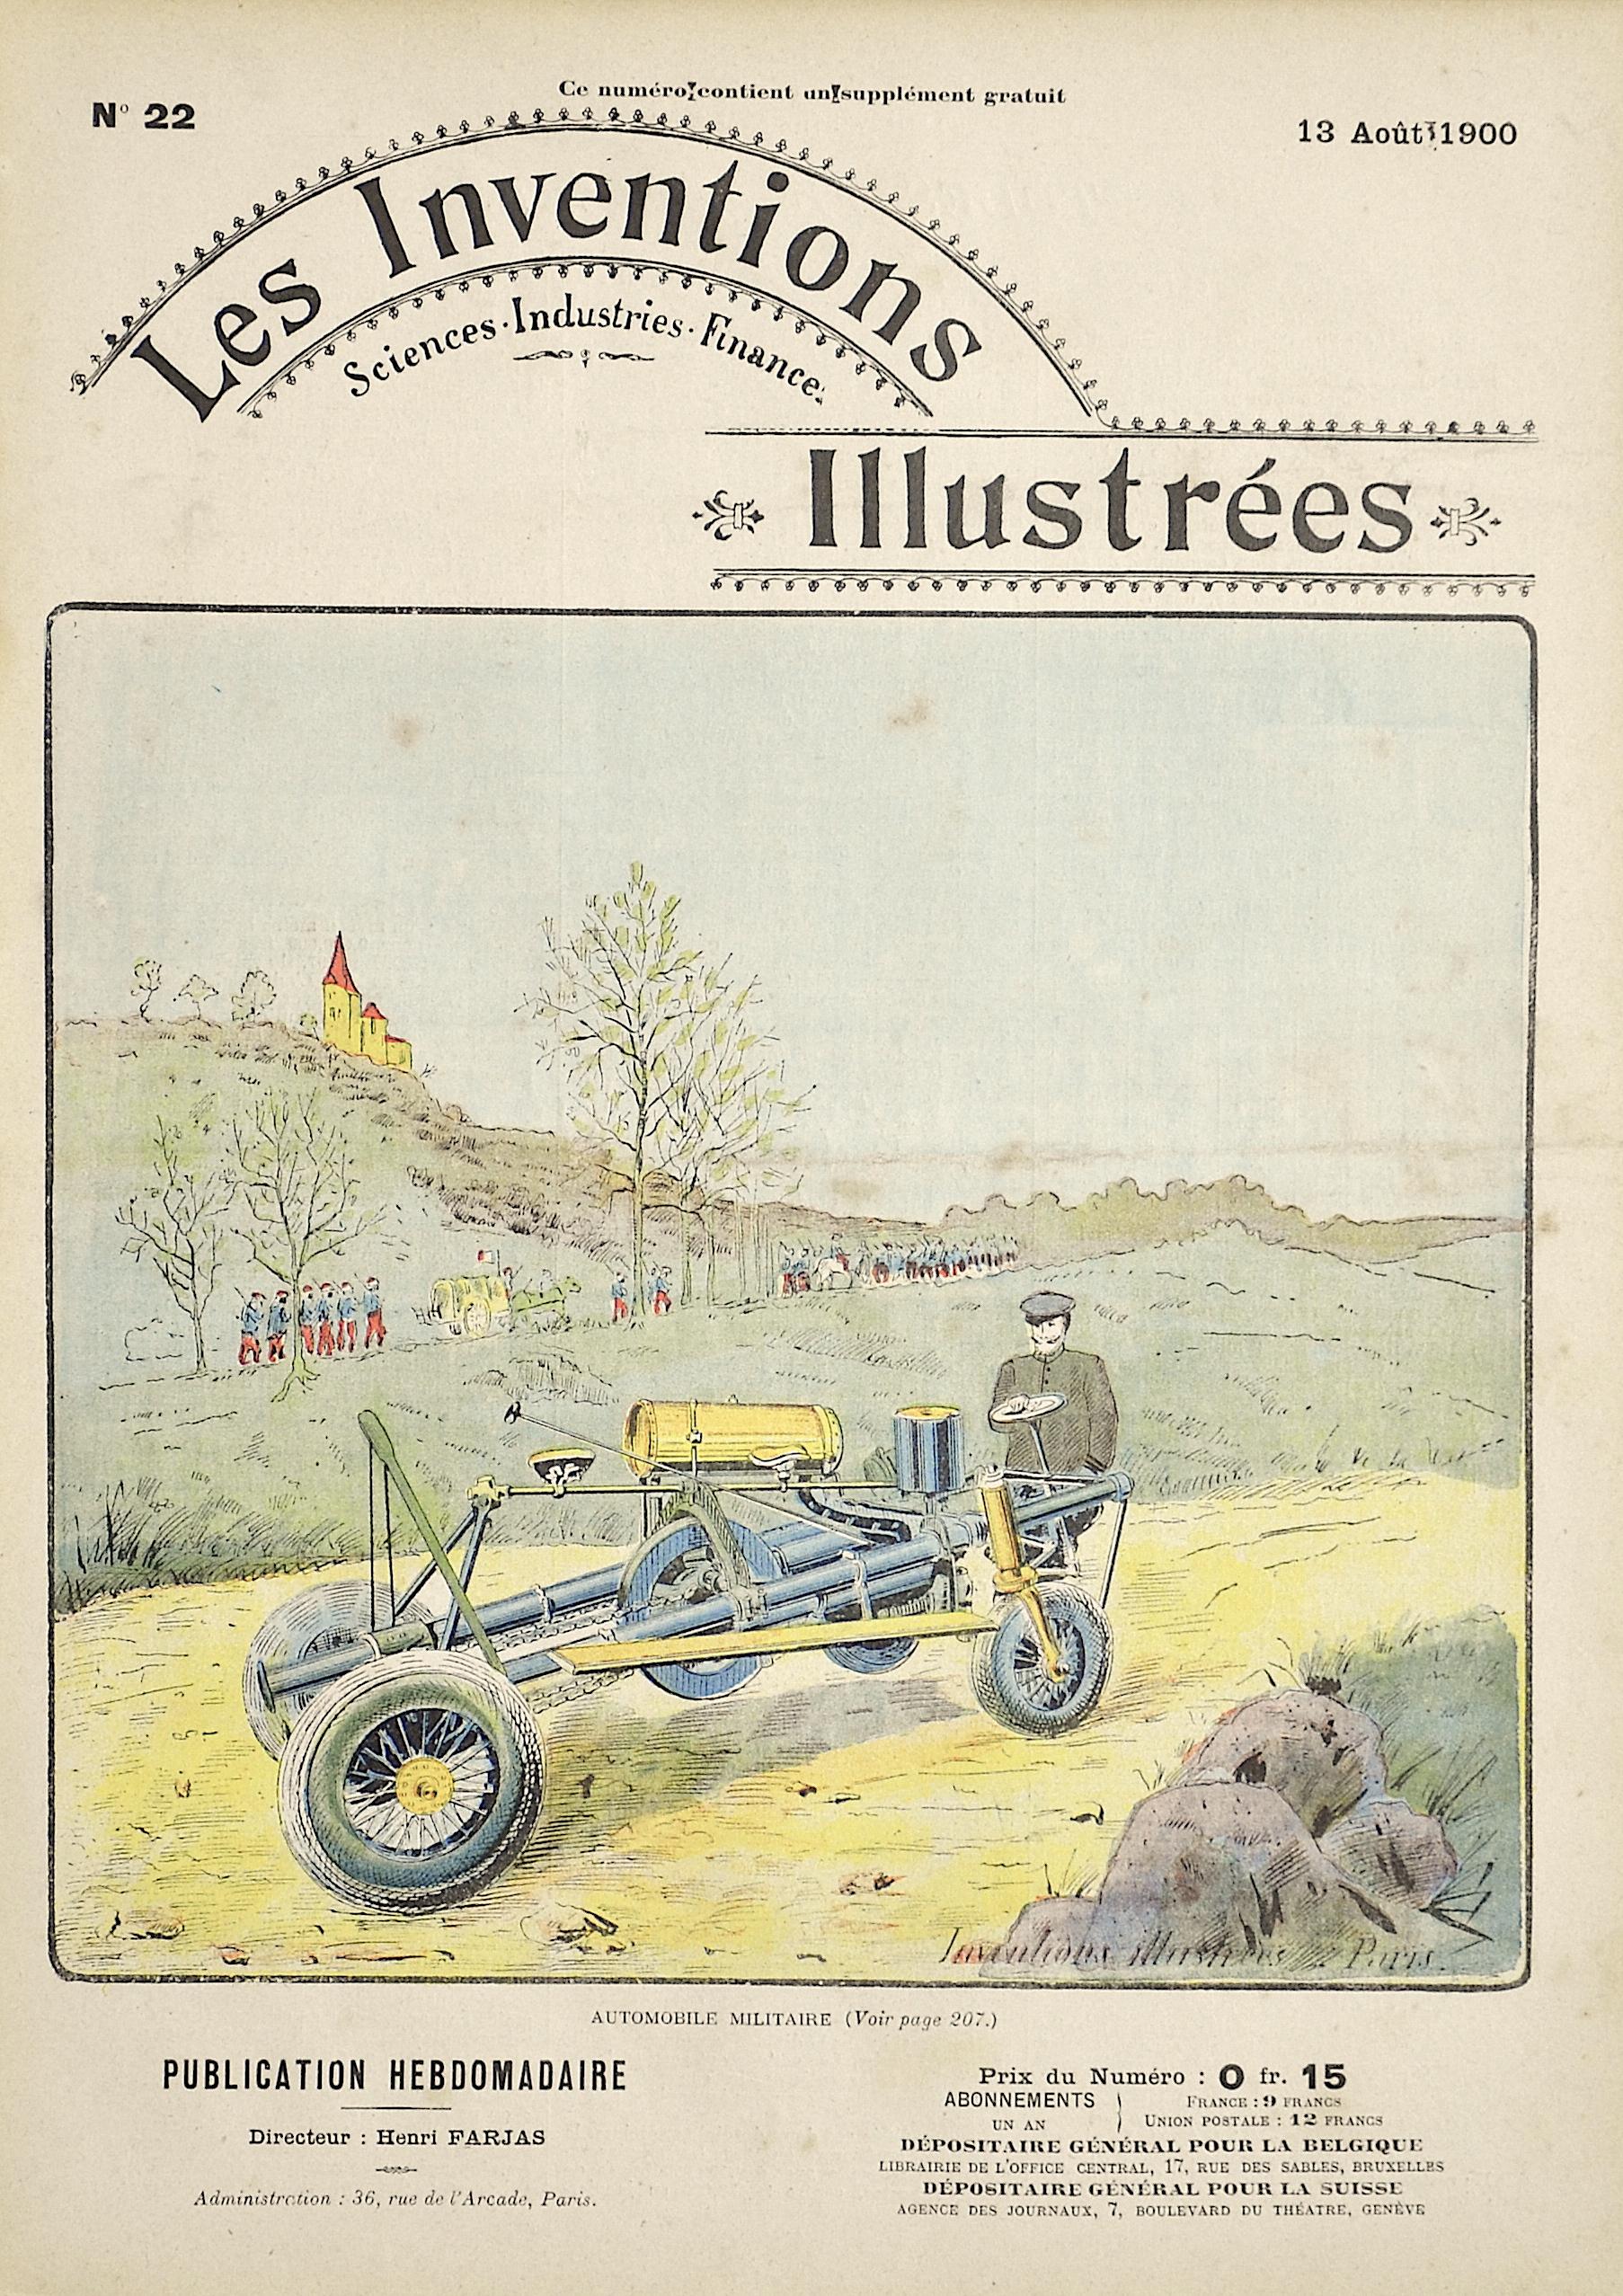 Brunet E. Les Inventions Illustrées / Automobile Militaire